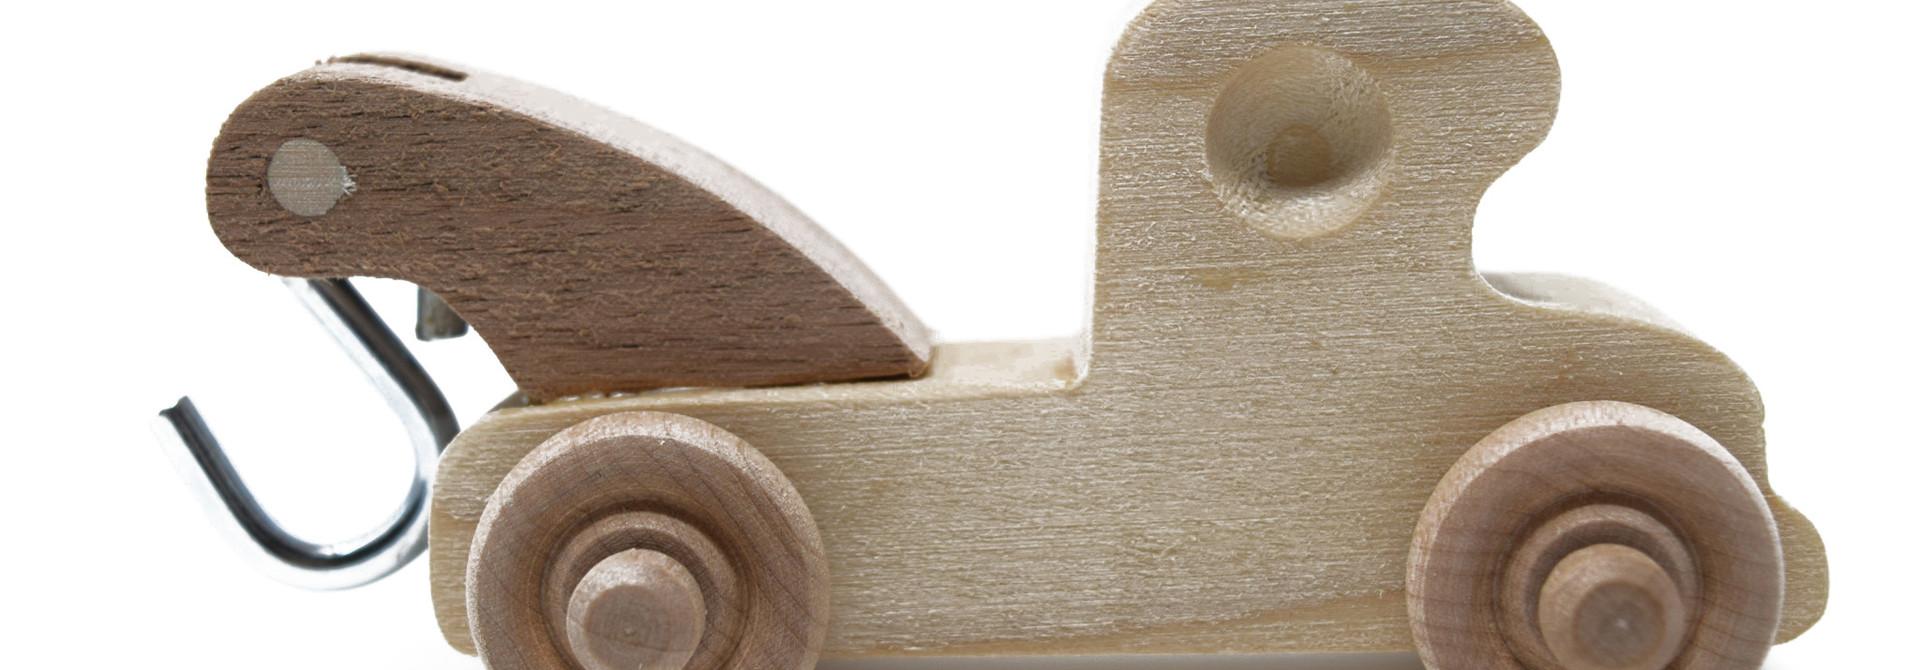 Wooden Wrecker Toy